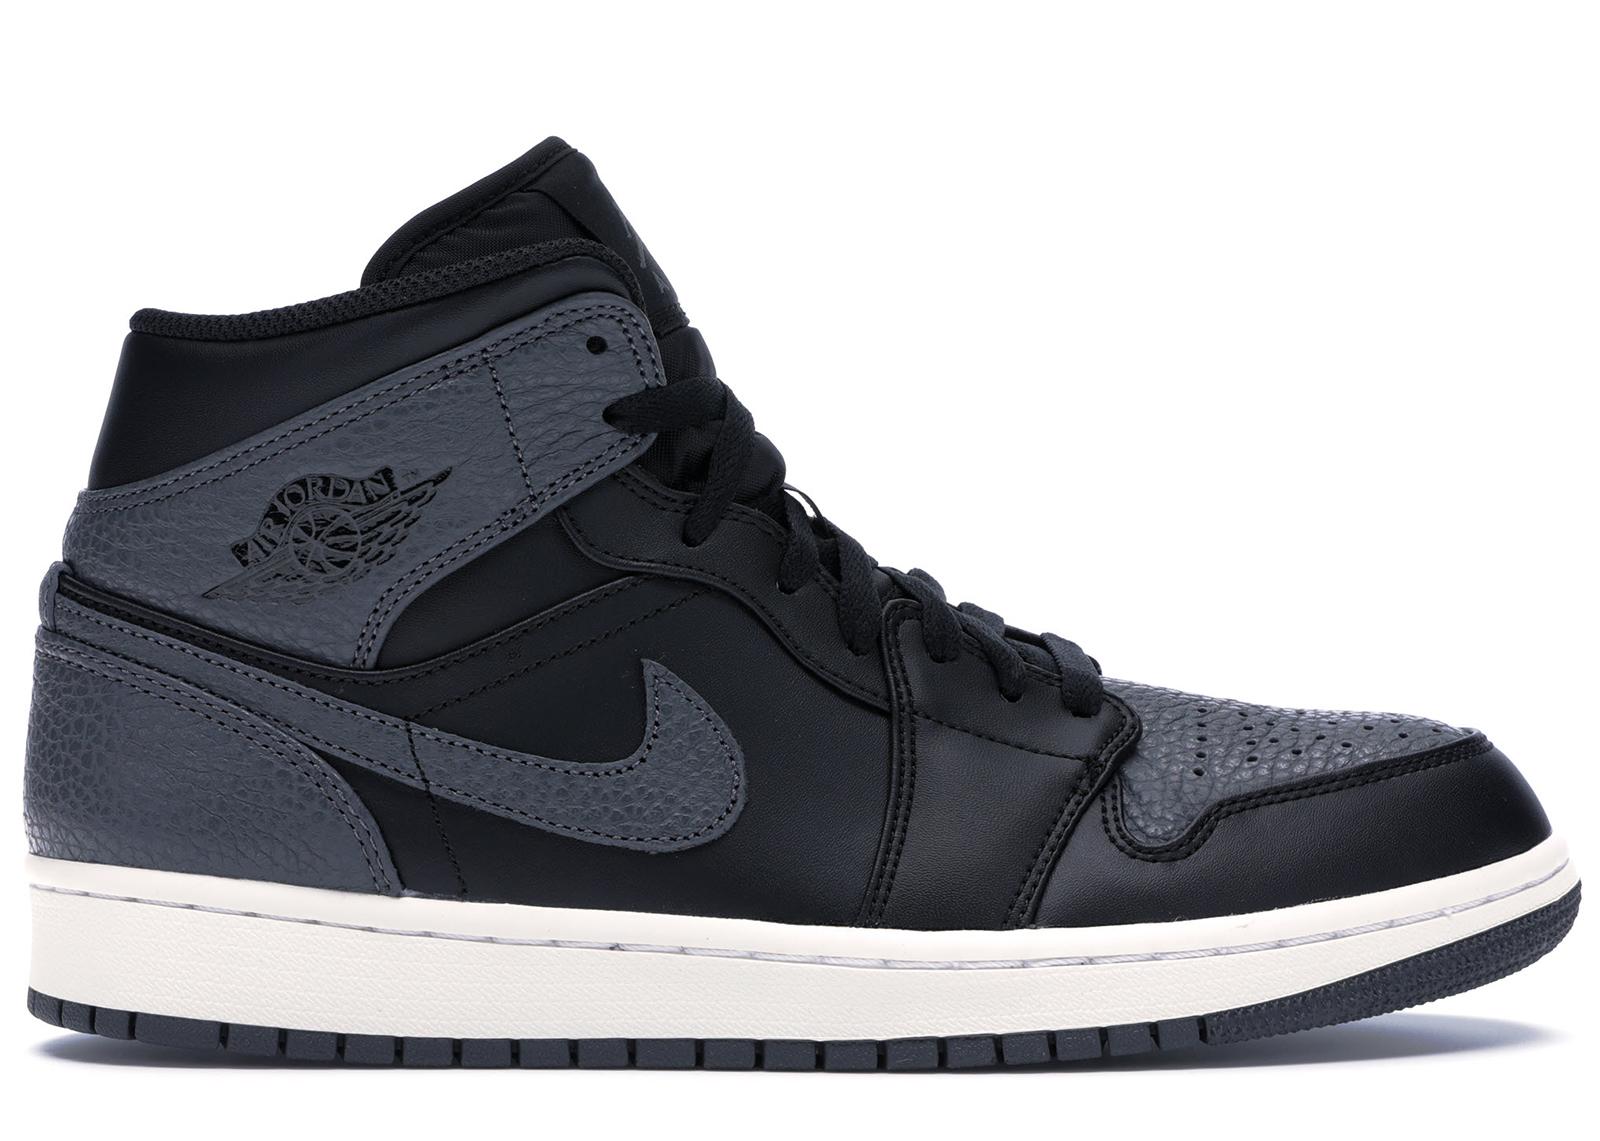 Jordan 1 Retro Mid Black Dark Grey